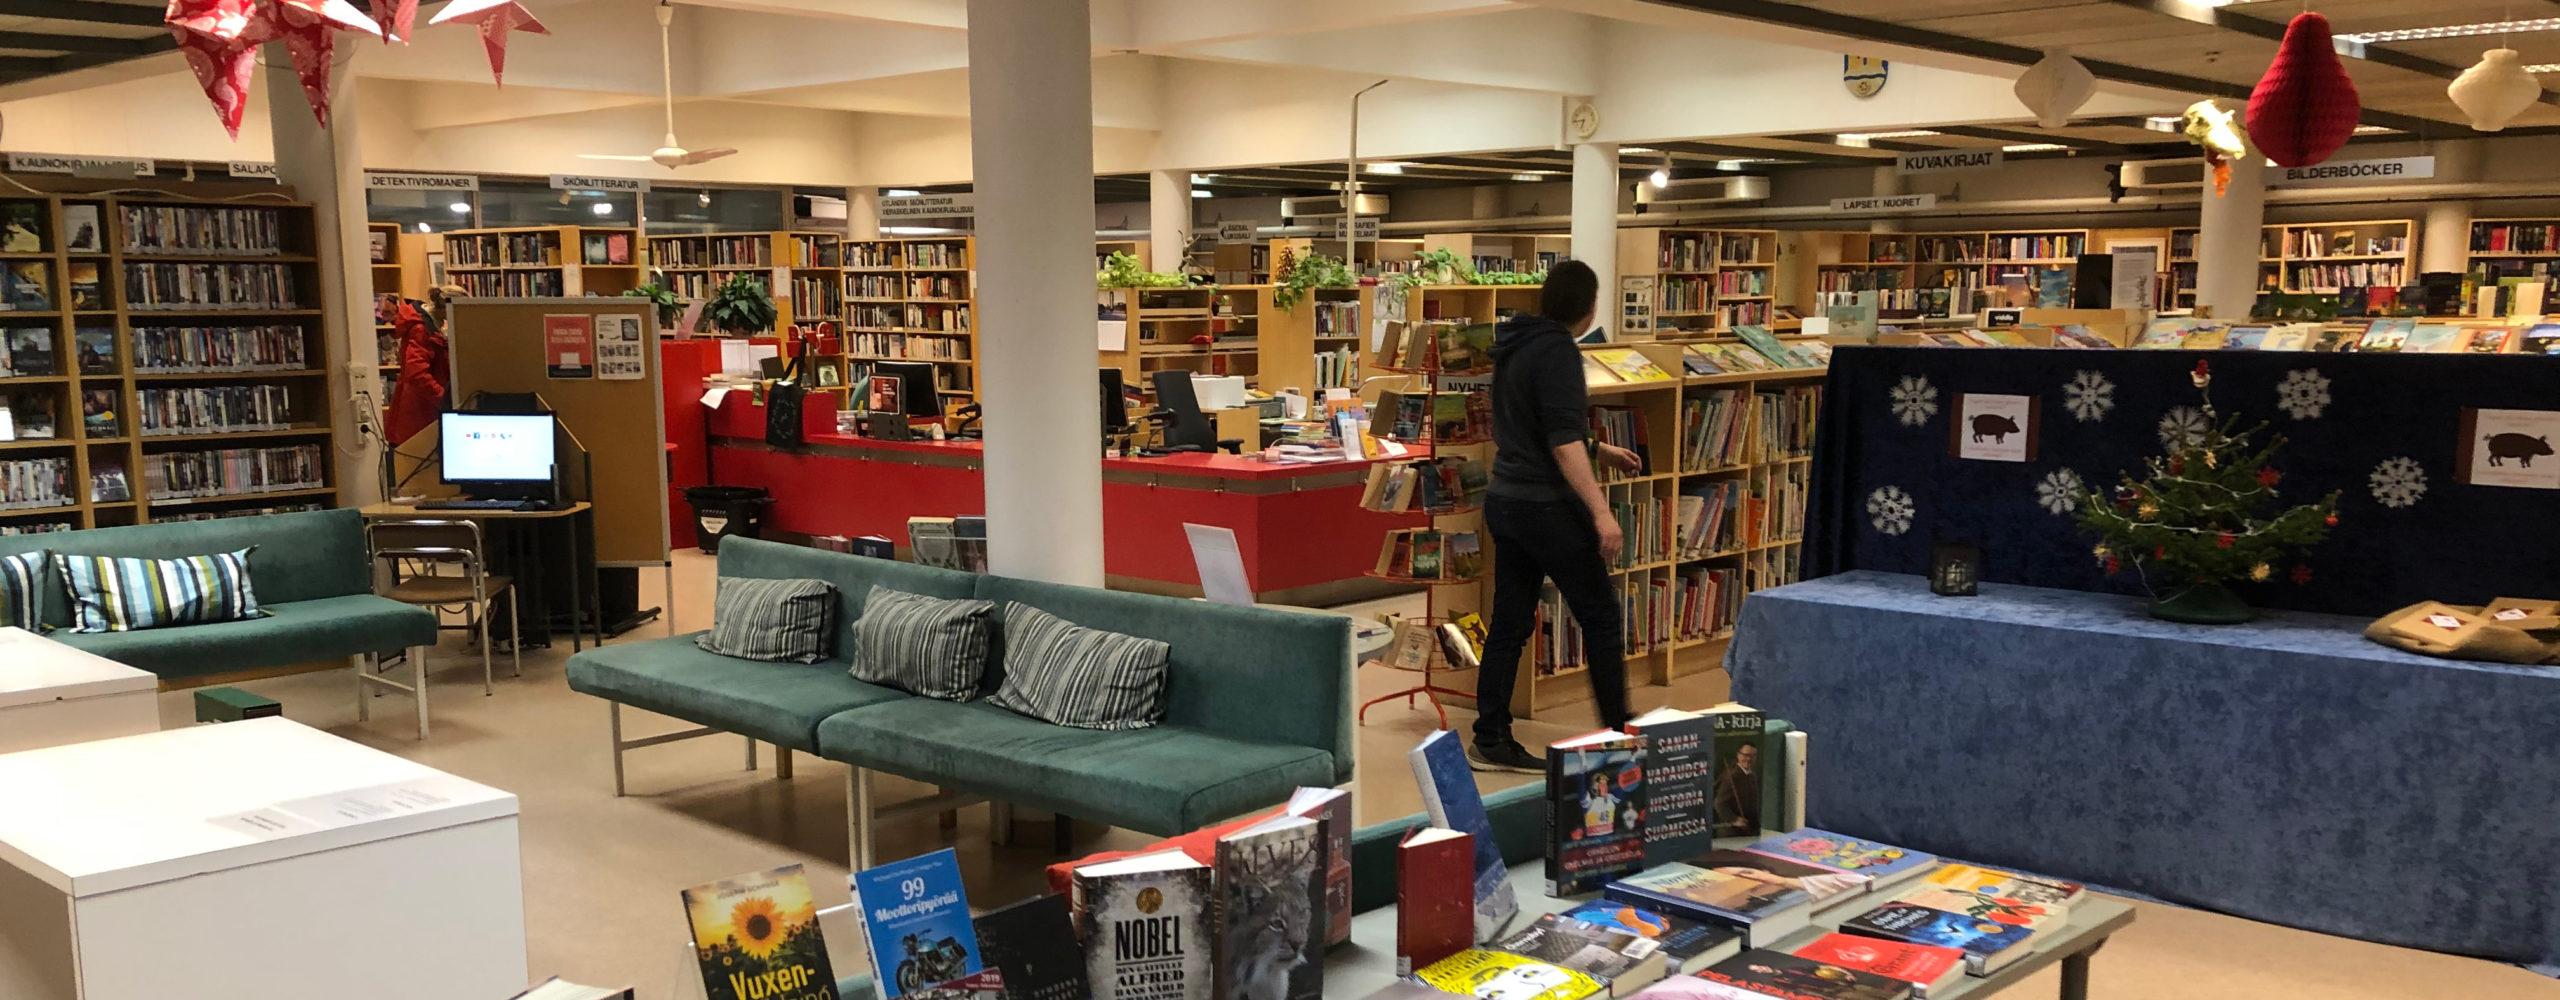 Karjaan kirjasto muuttaa elokuussa